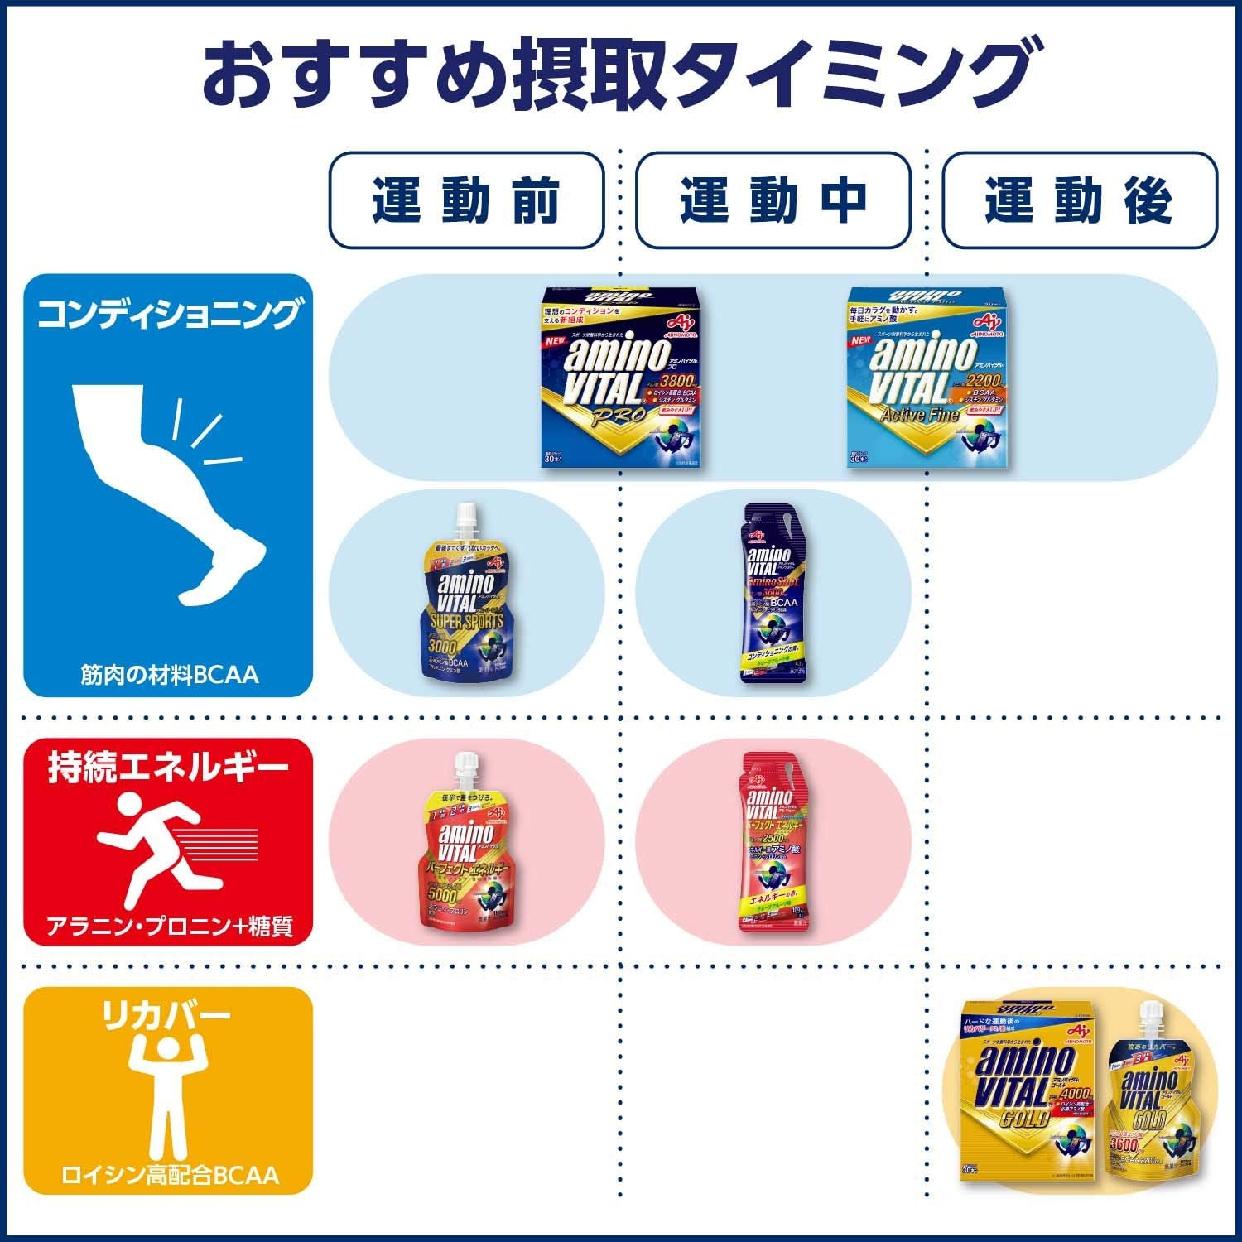 味の素(AJINOMOTO) アミノバイタル GOLDの商品画像4